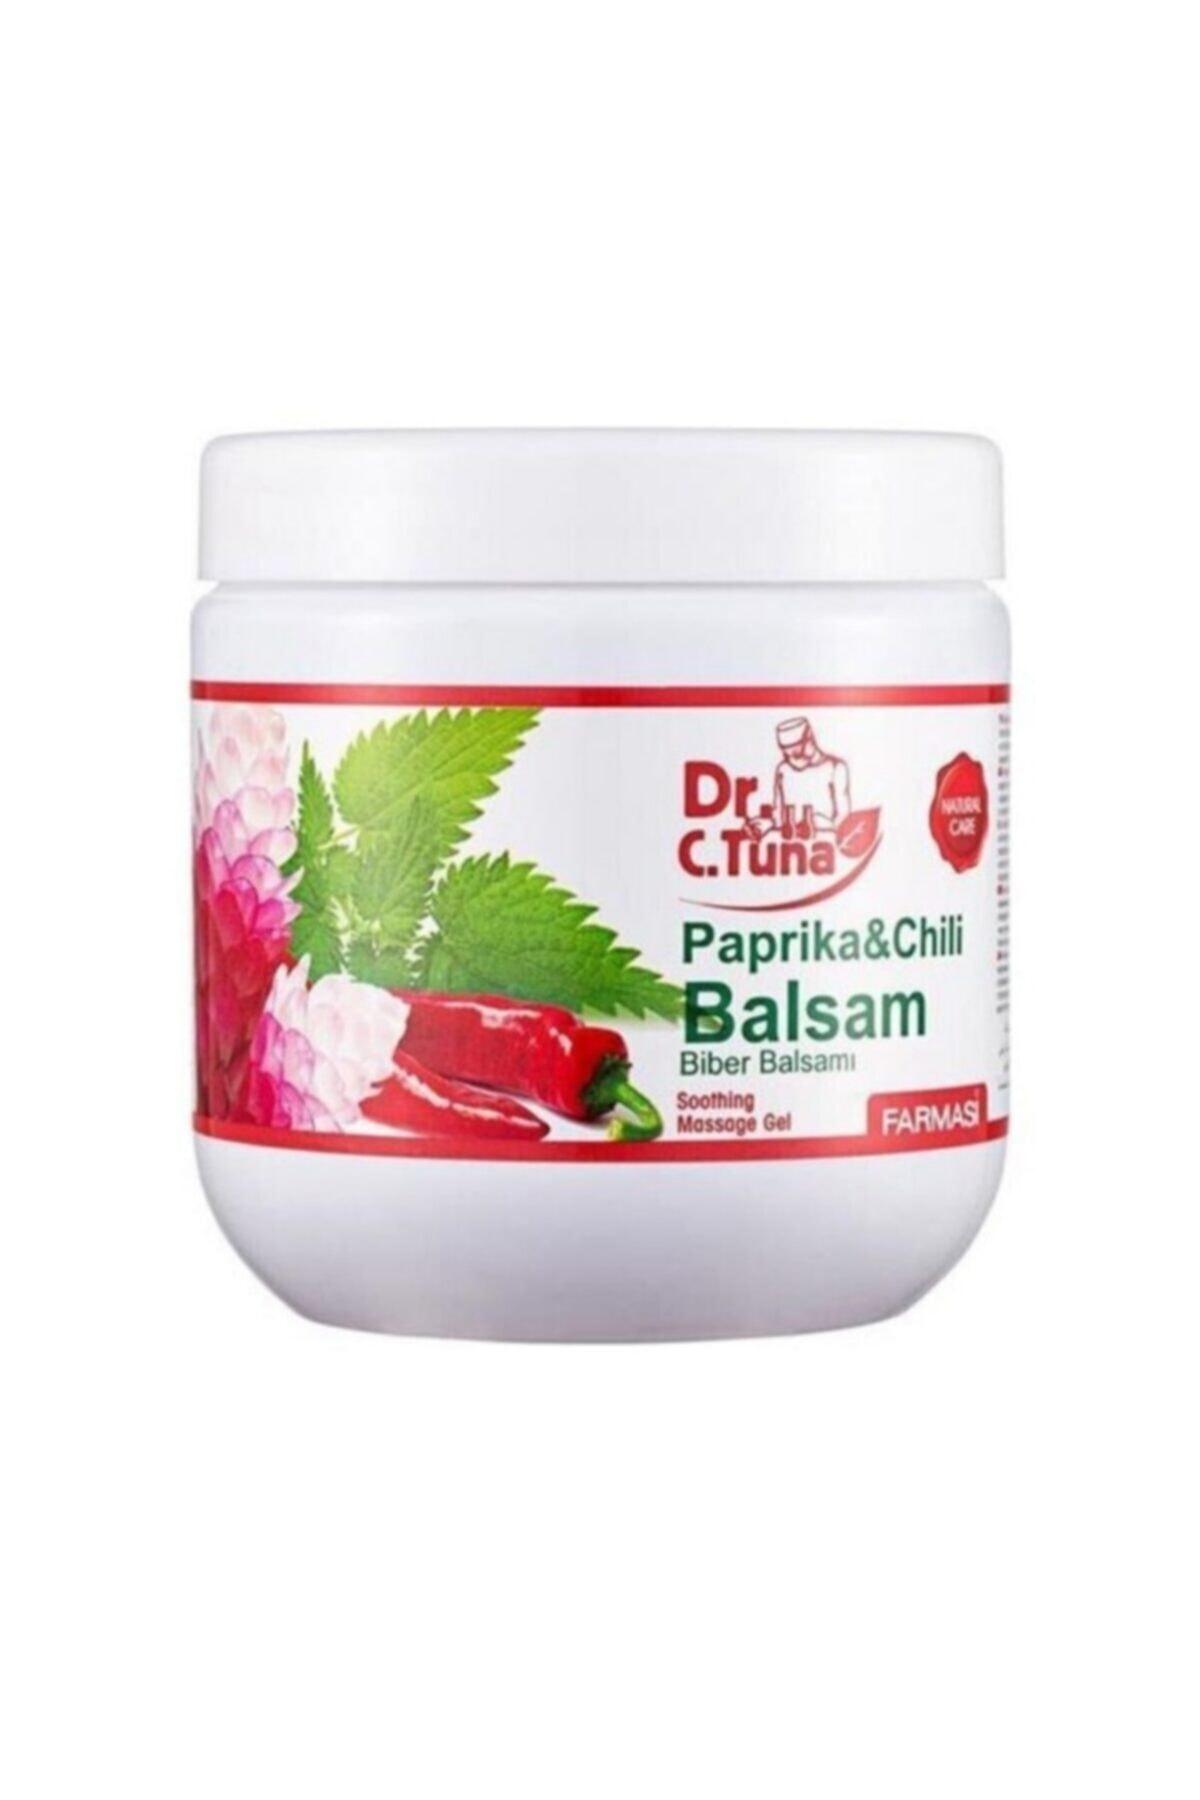 Farmasi Dr. C. Tuna Paprika Biberli Balsam Masaj Jeli - 500 Ml 1